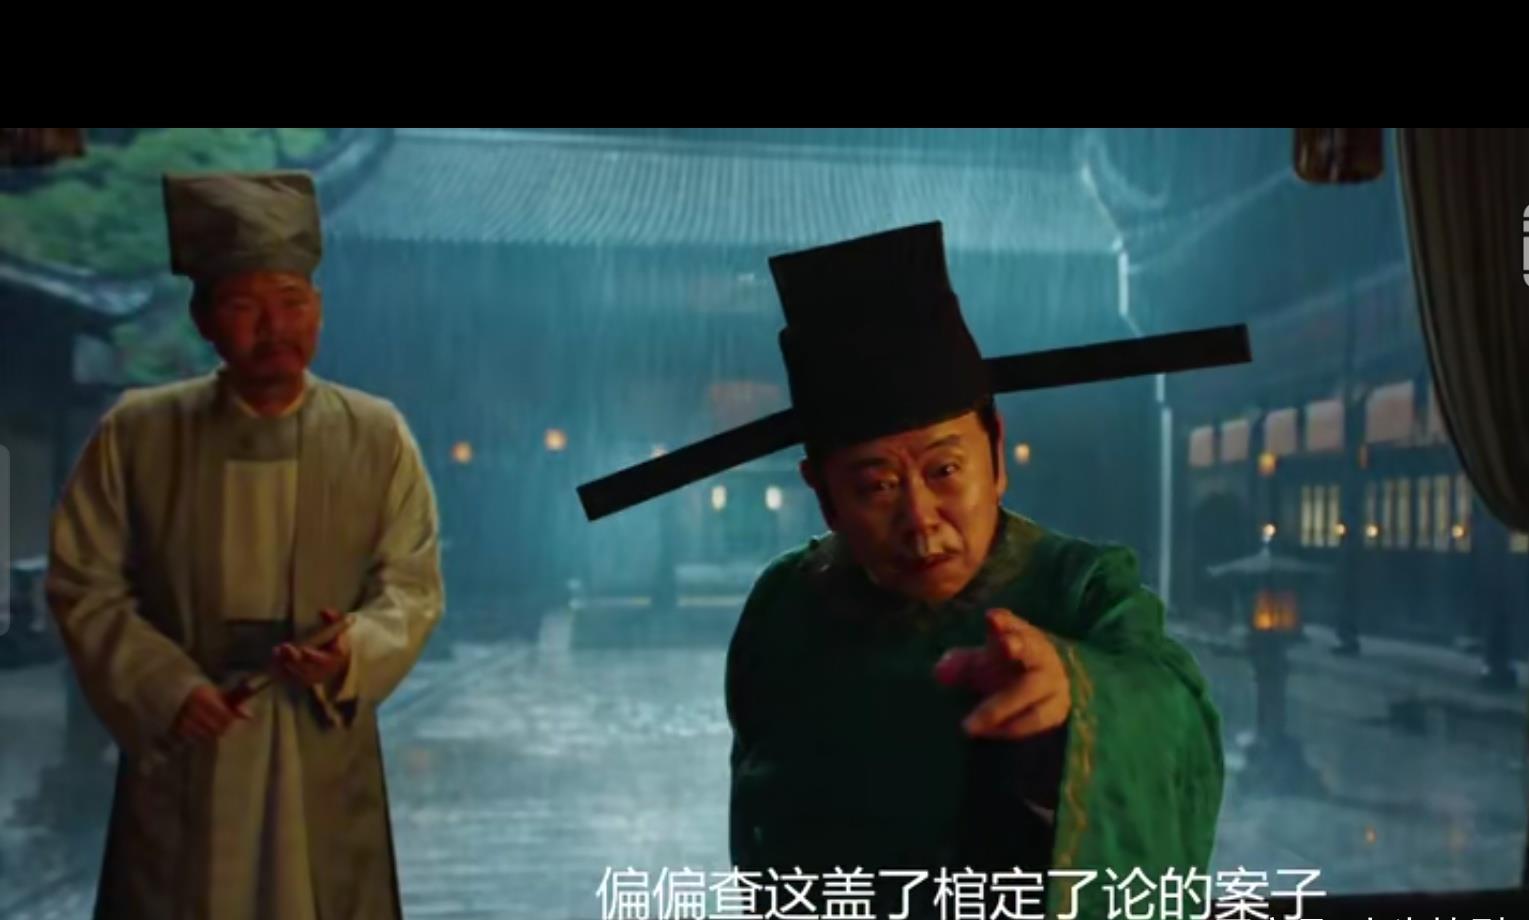 《法医宋慈》潘长江、于震最萌身高差,惊悚,笑点集于一身